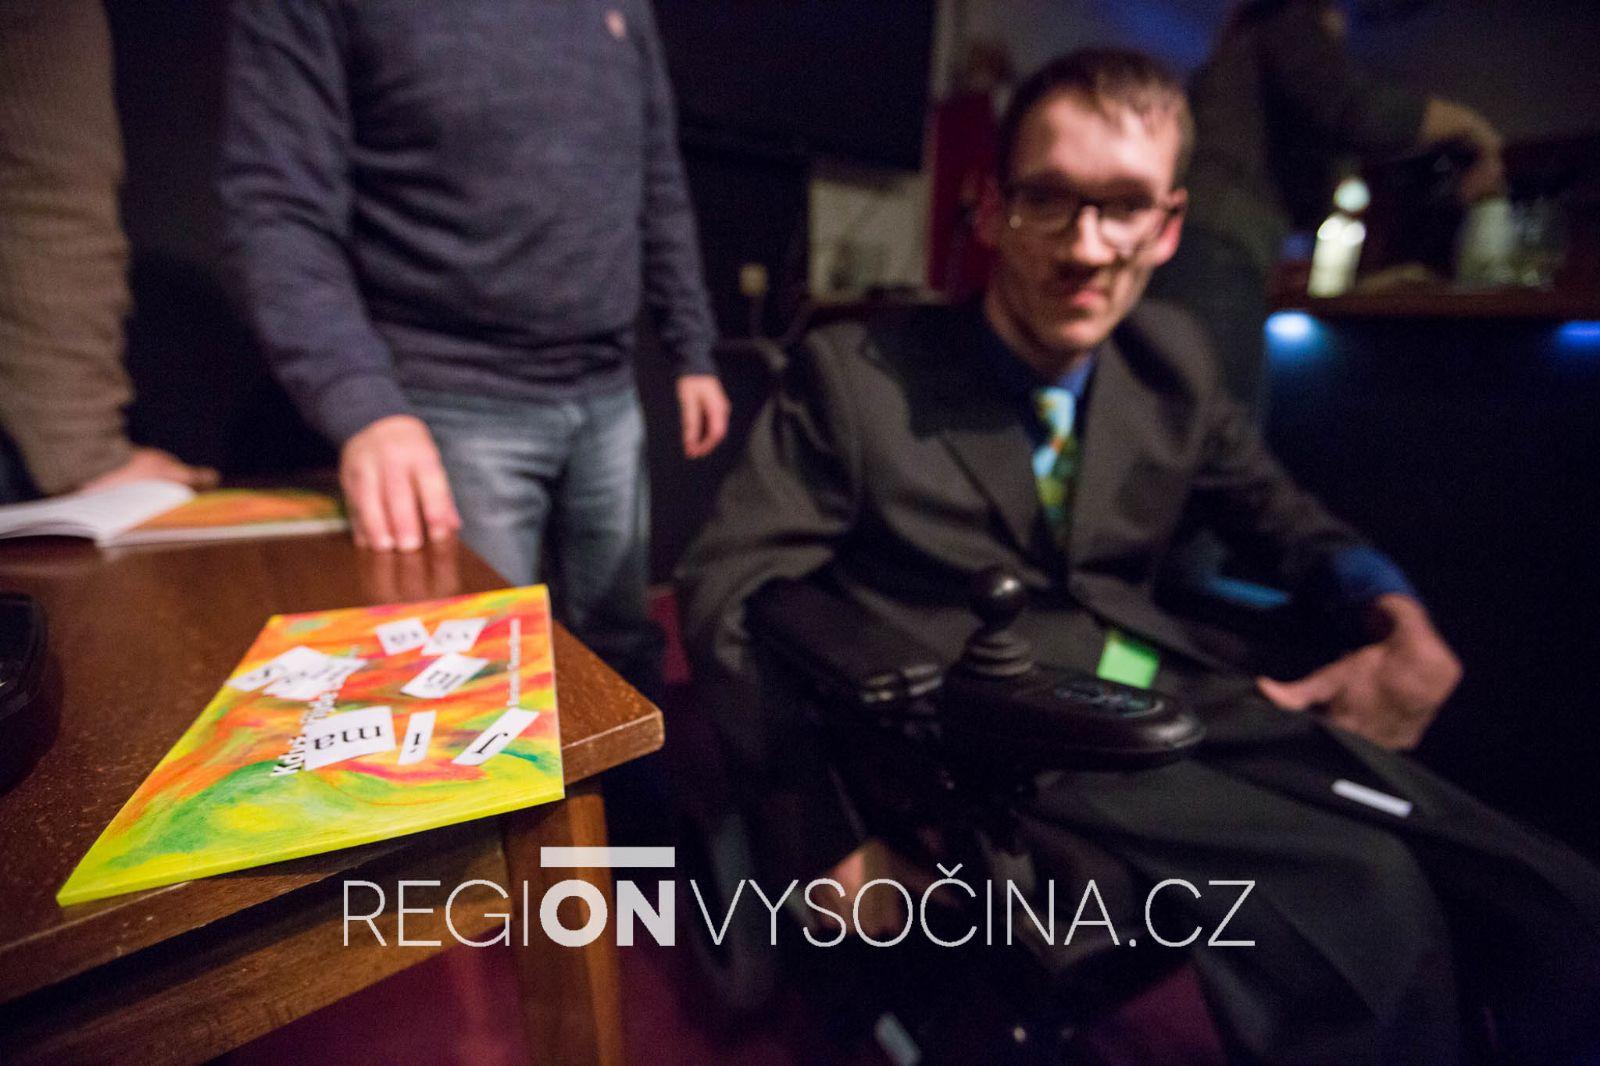 Václav Beránek pokřtil svou prvotinu